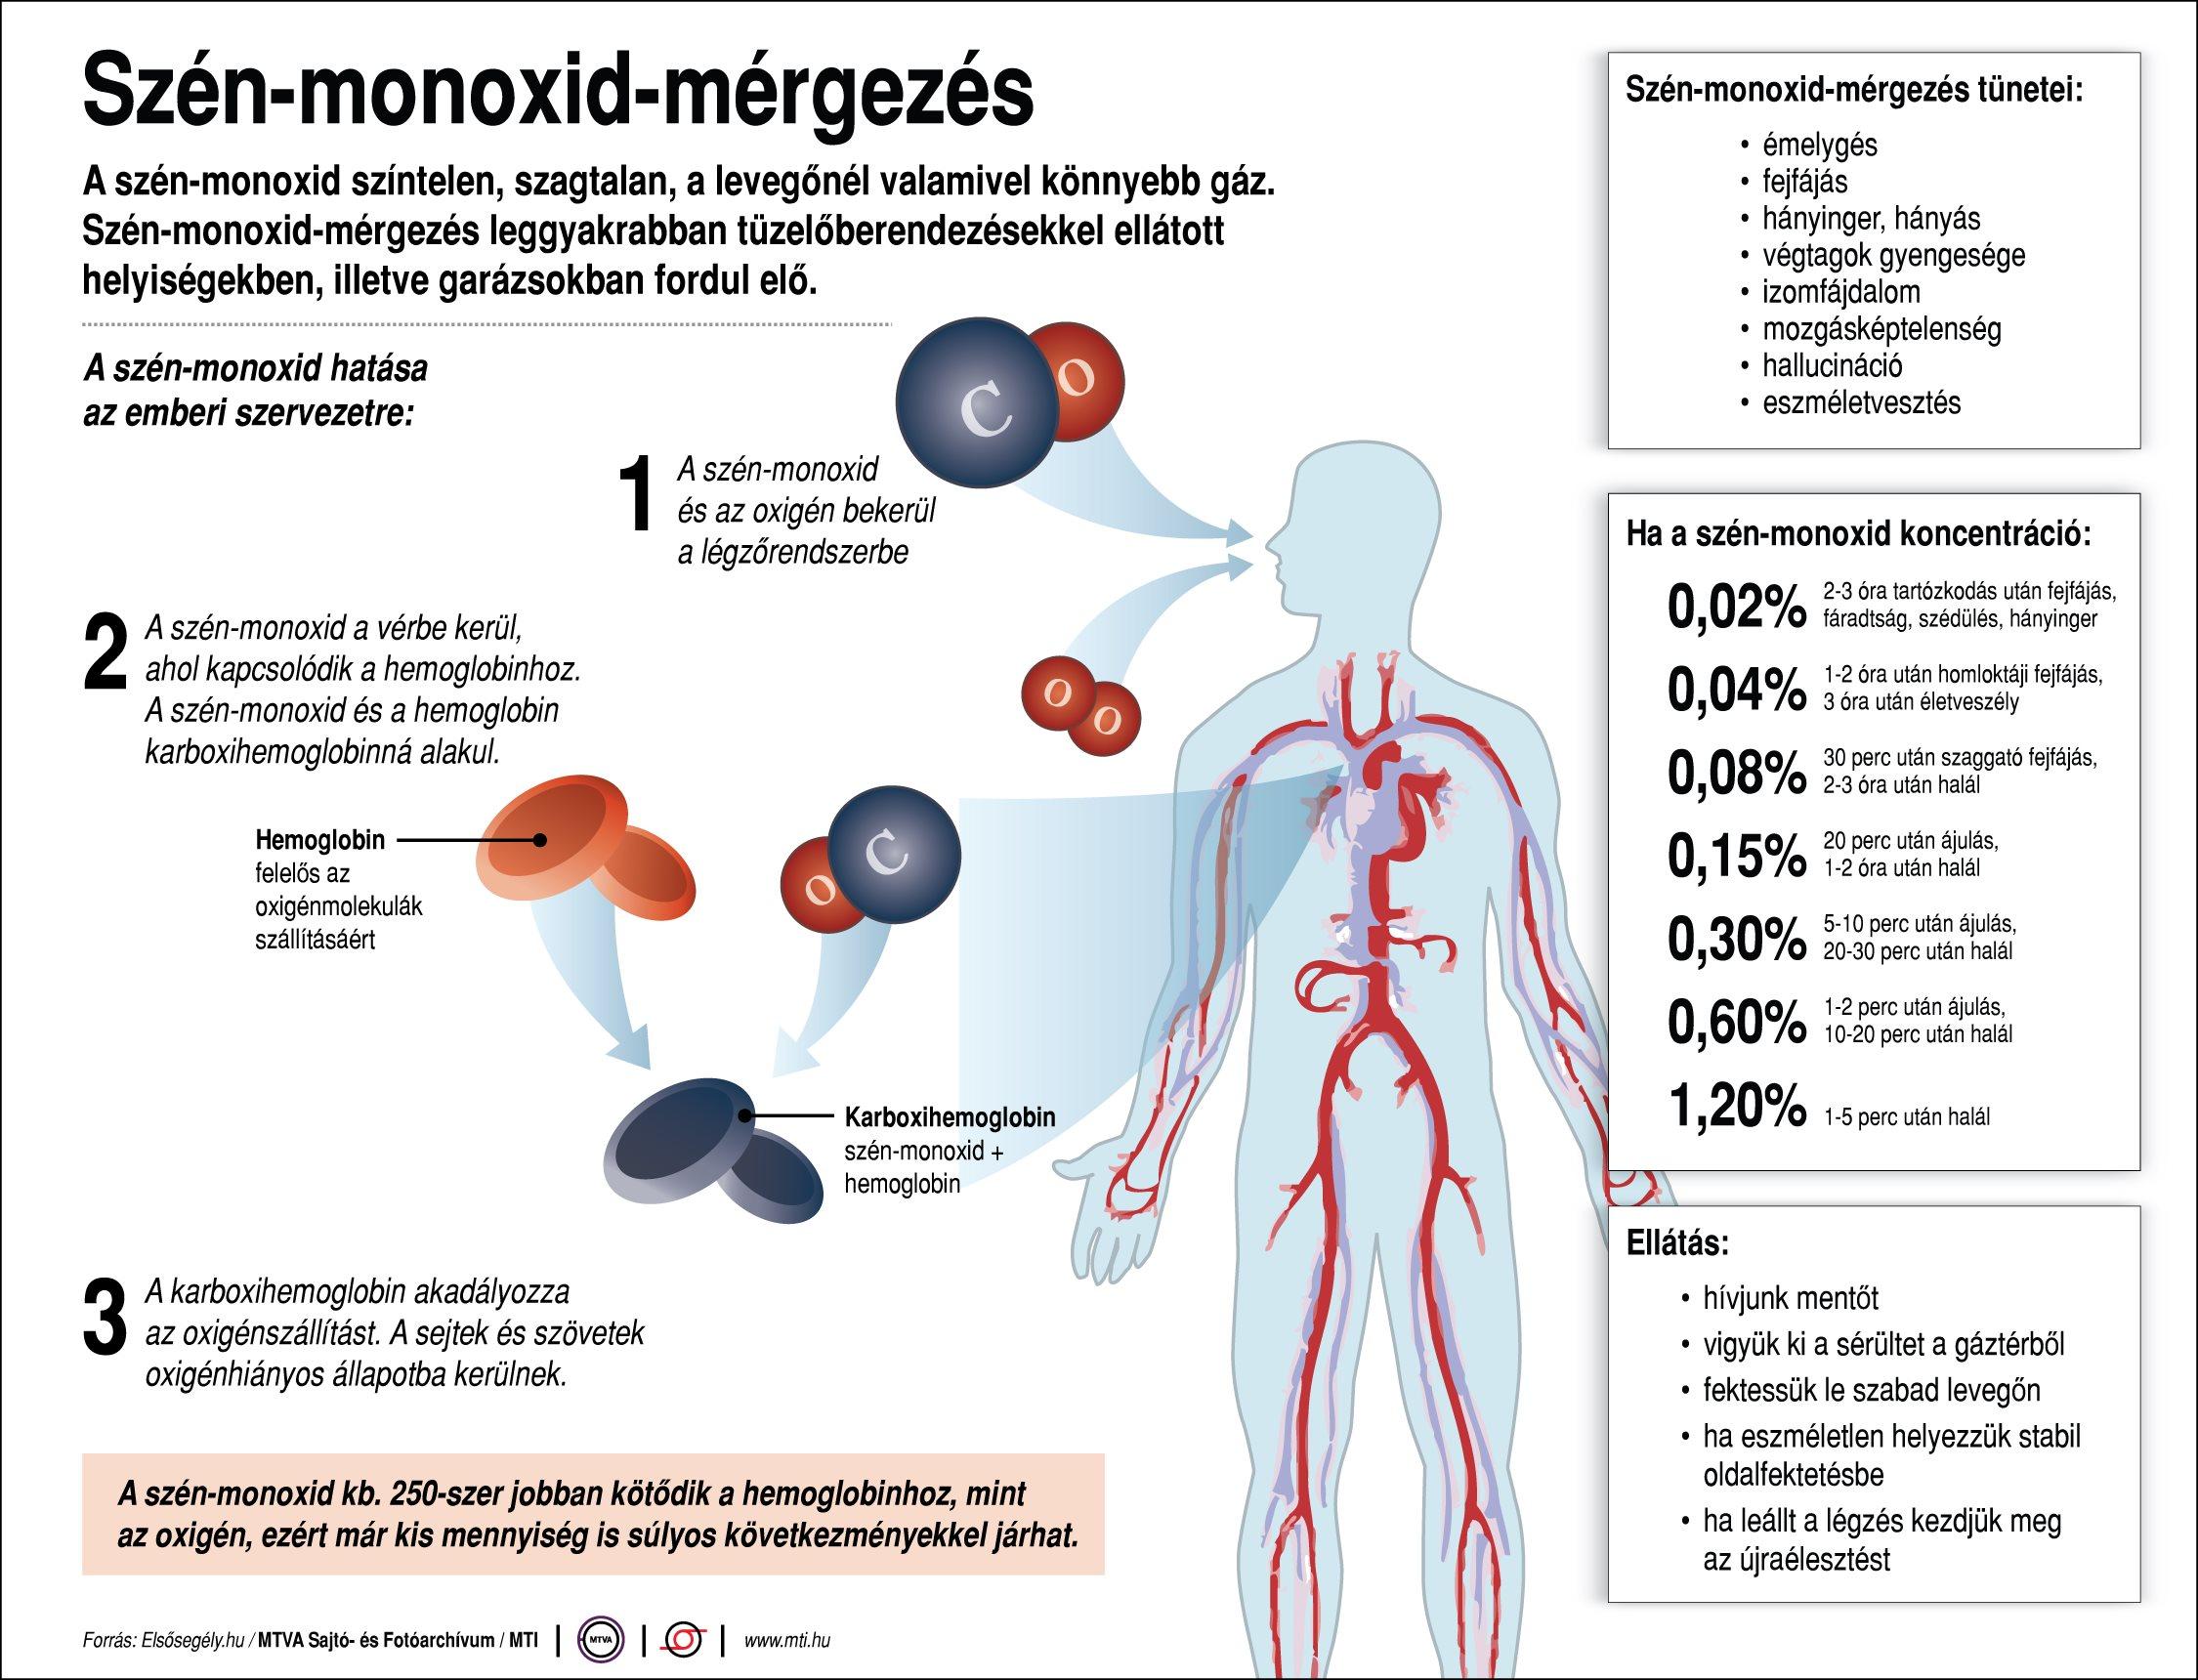 Szén-monoxid-mérgezés: 12 éves kisfiú halt meg a hétvégén egy rossz kémény miatt! - Hiába próbálták újraéleszteni